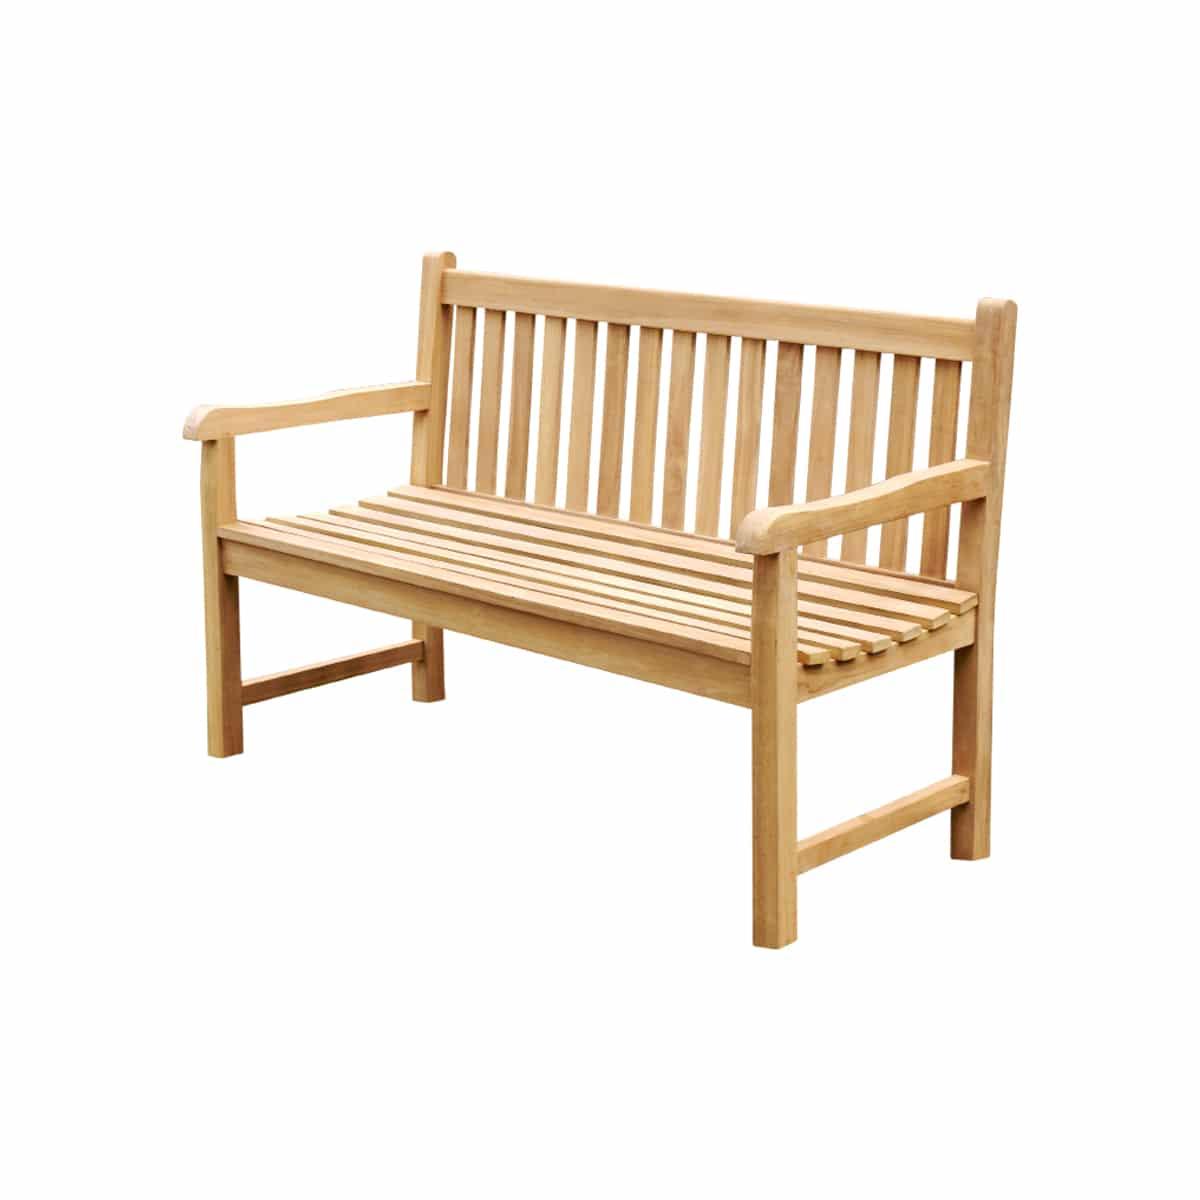 Fine Teak Garden Bench Gbc07 Indonesia Outdoor Furniture Machost Co Dining Chair Design Ideas Machostcouk